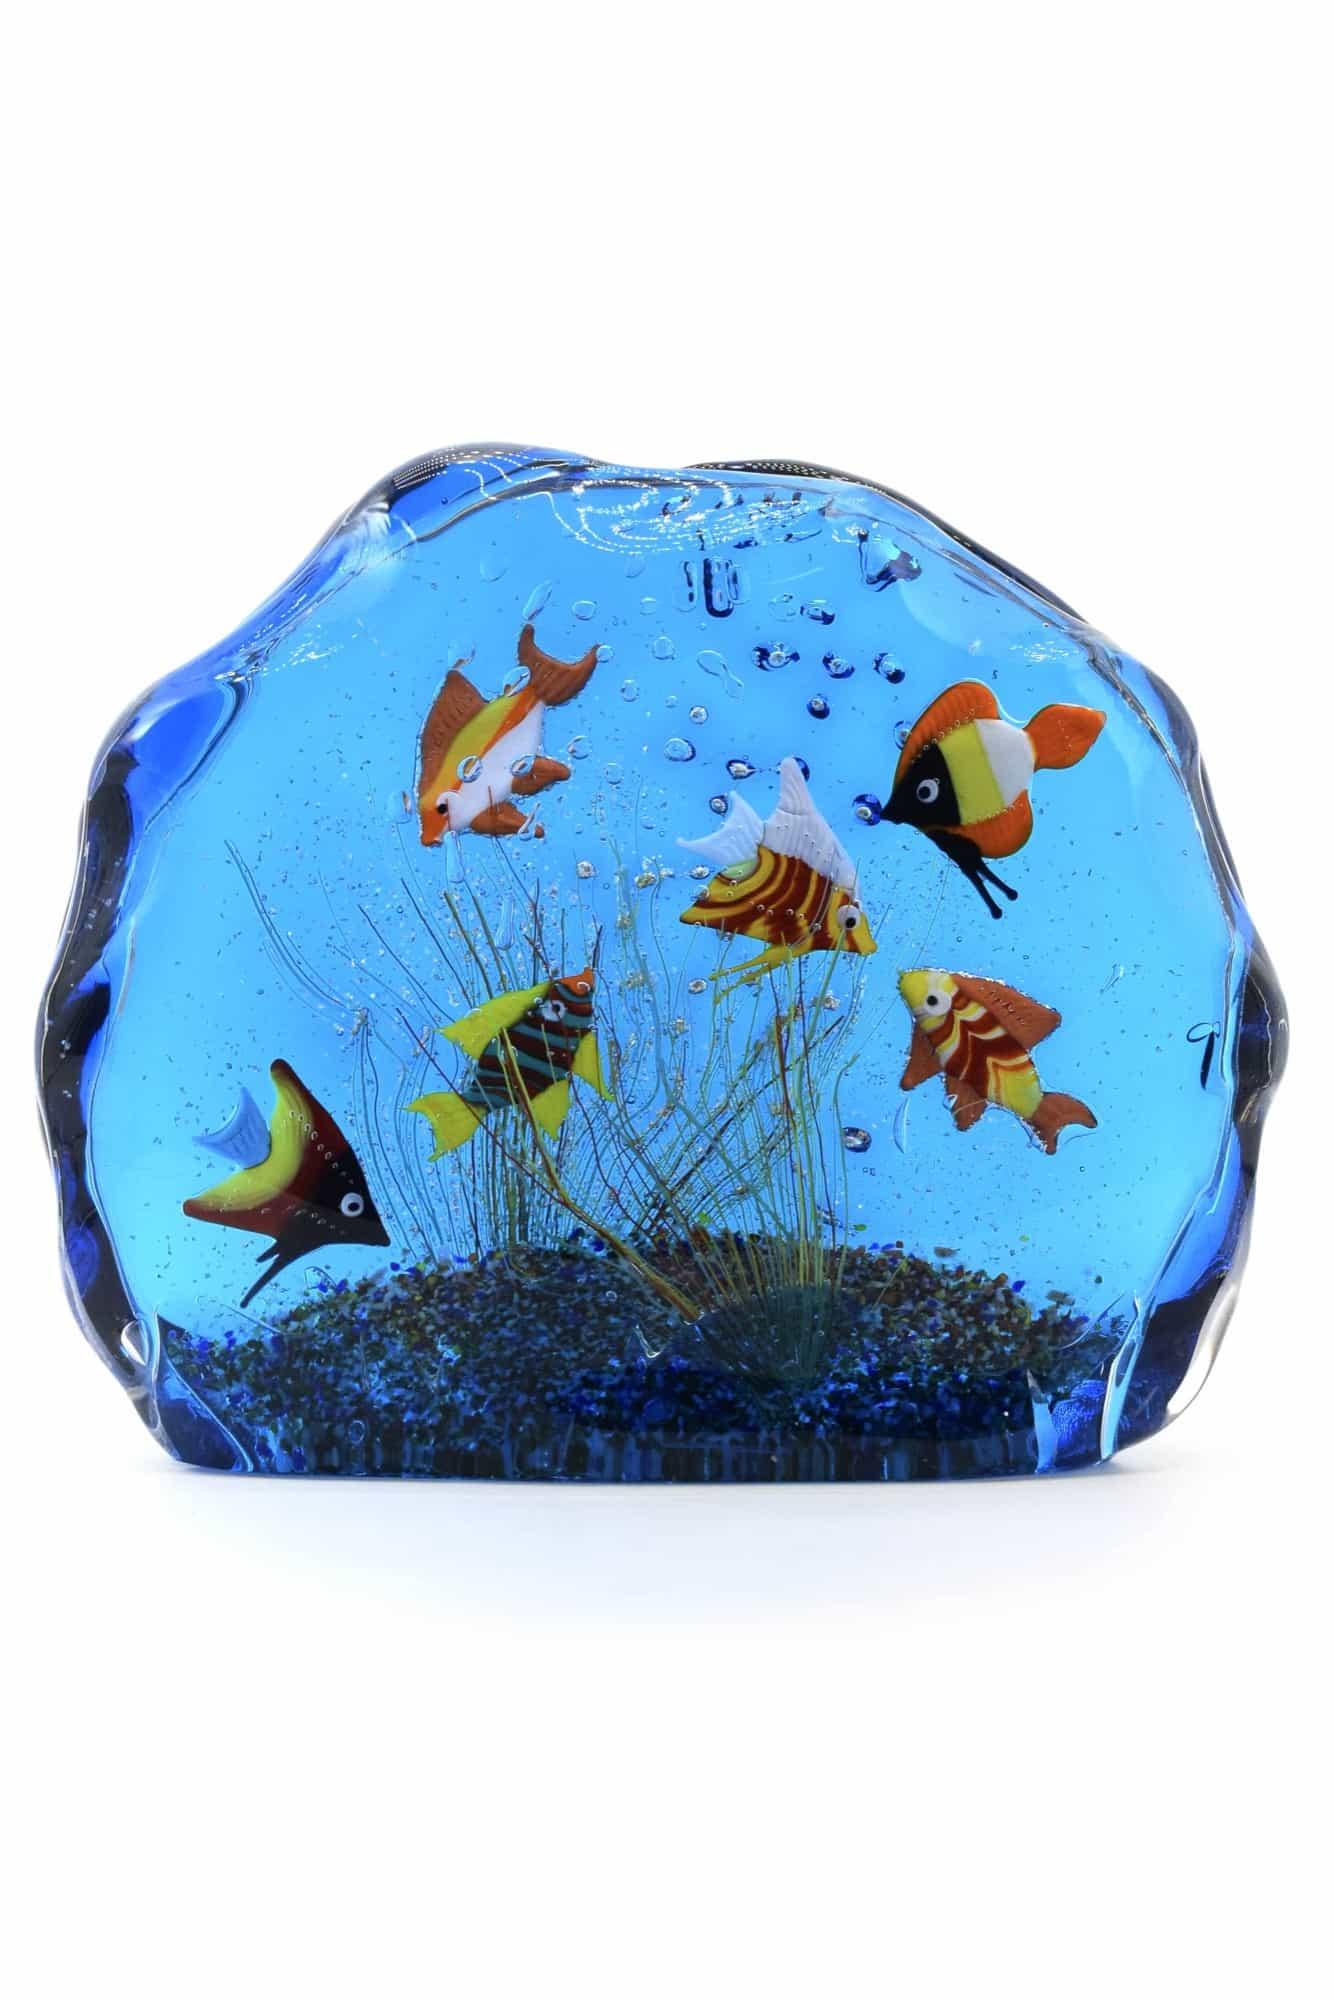 acquario in vetro di murano